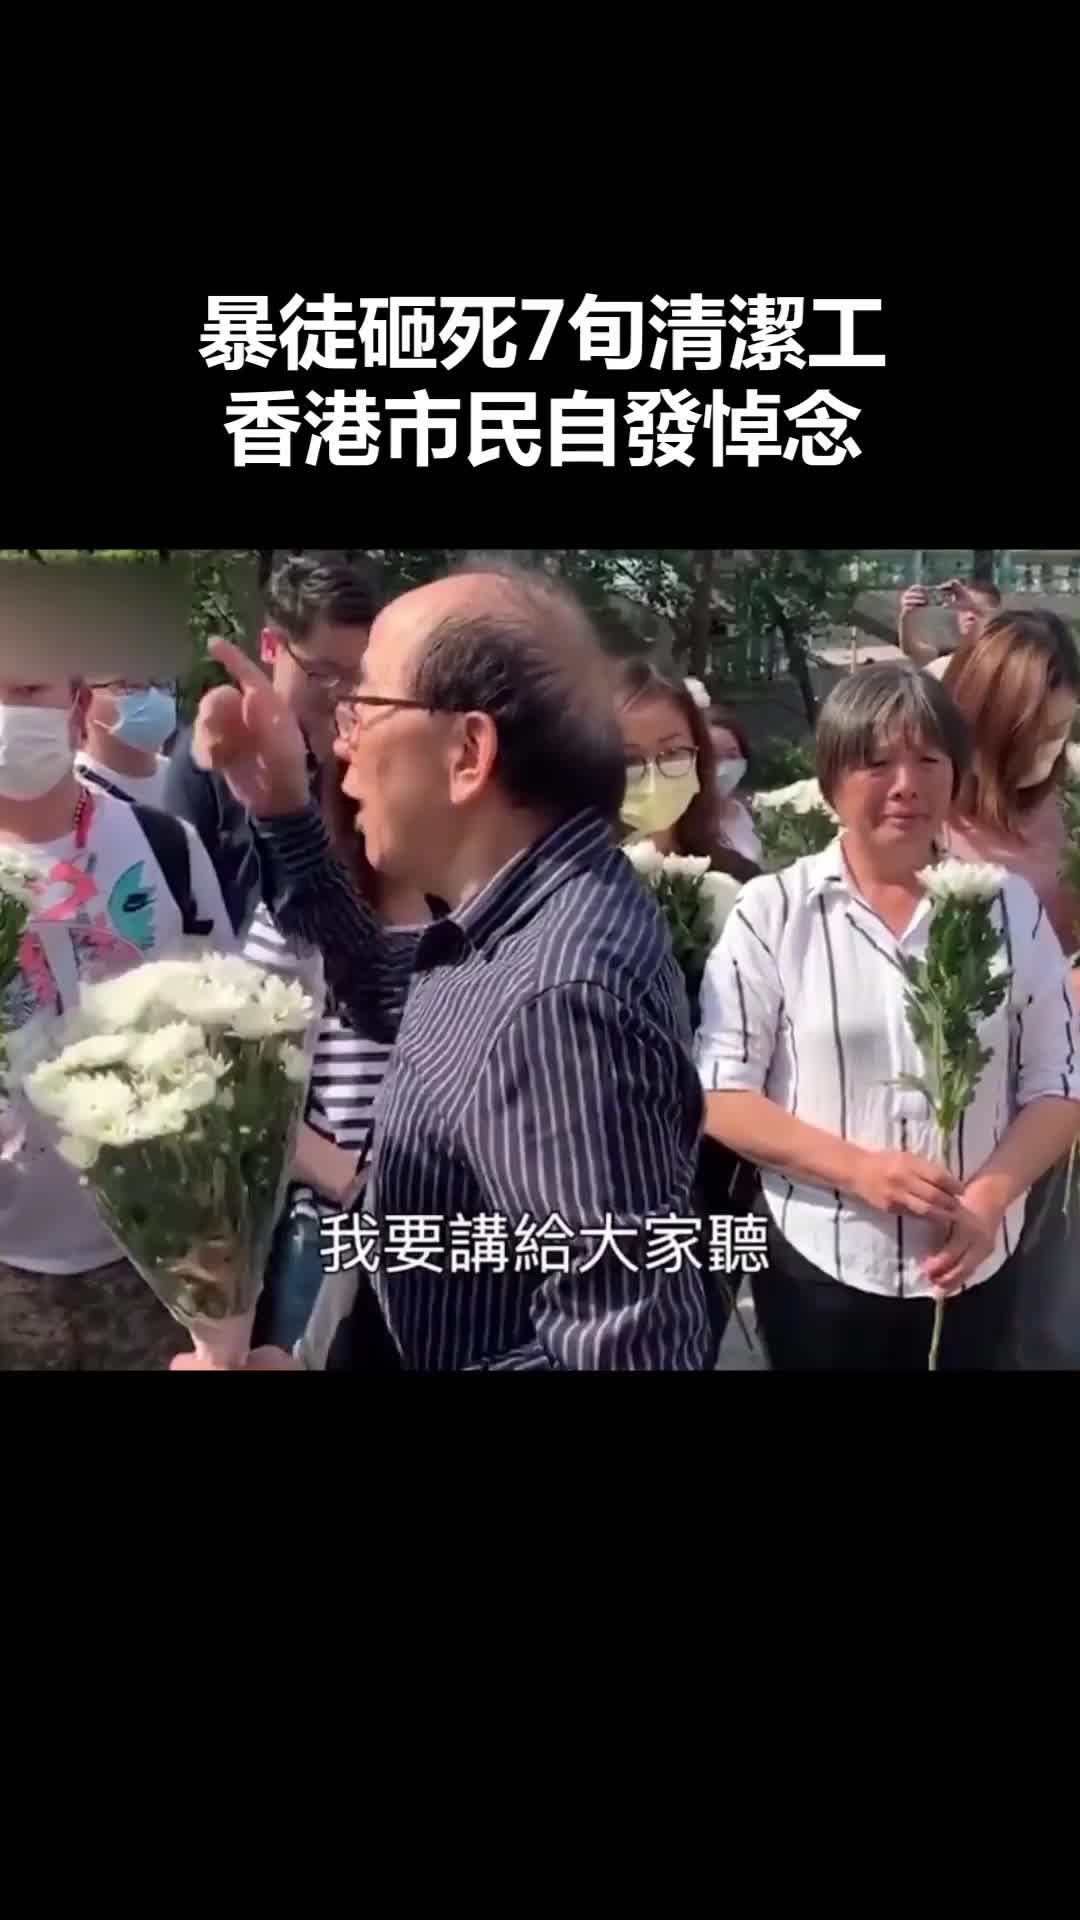 我们都是中国人,我们不会怕暴力!为勇敢正义的香港人点赞!